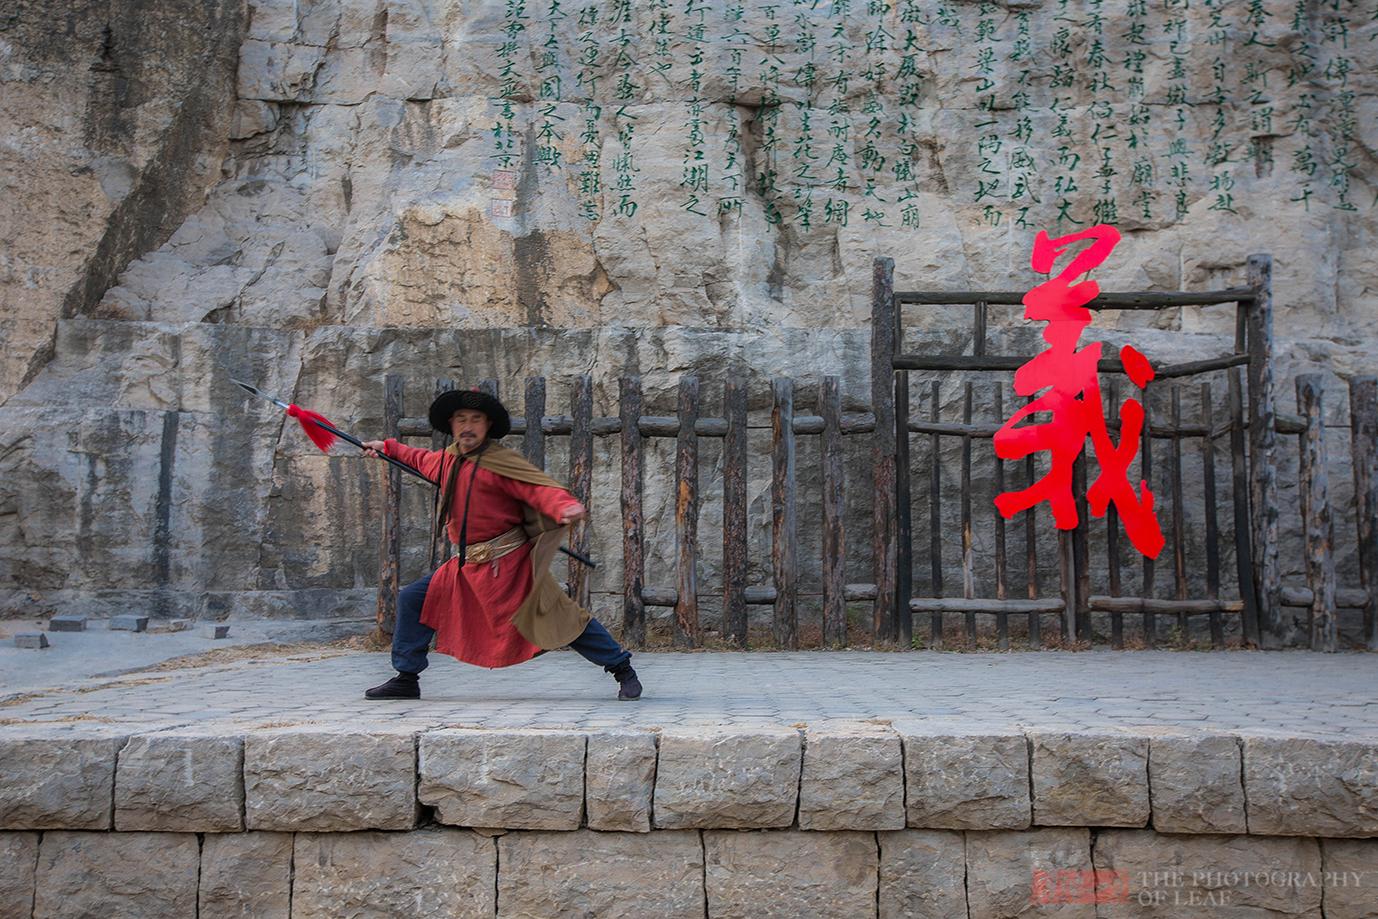 探访《水浒传》发源地山东梁山县,揭秘影视剧中不为人知的故事_宋江